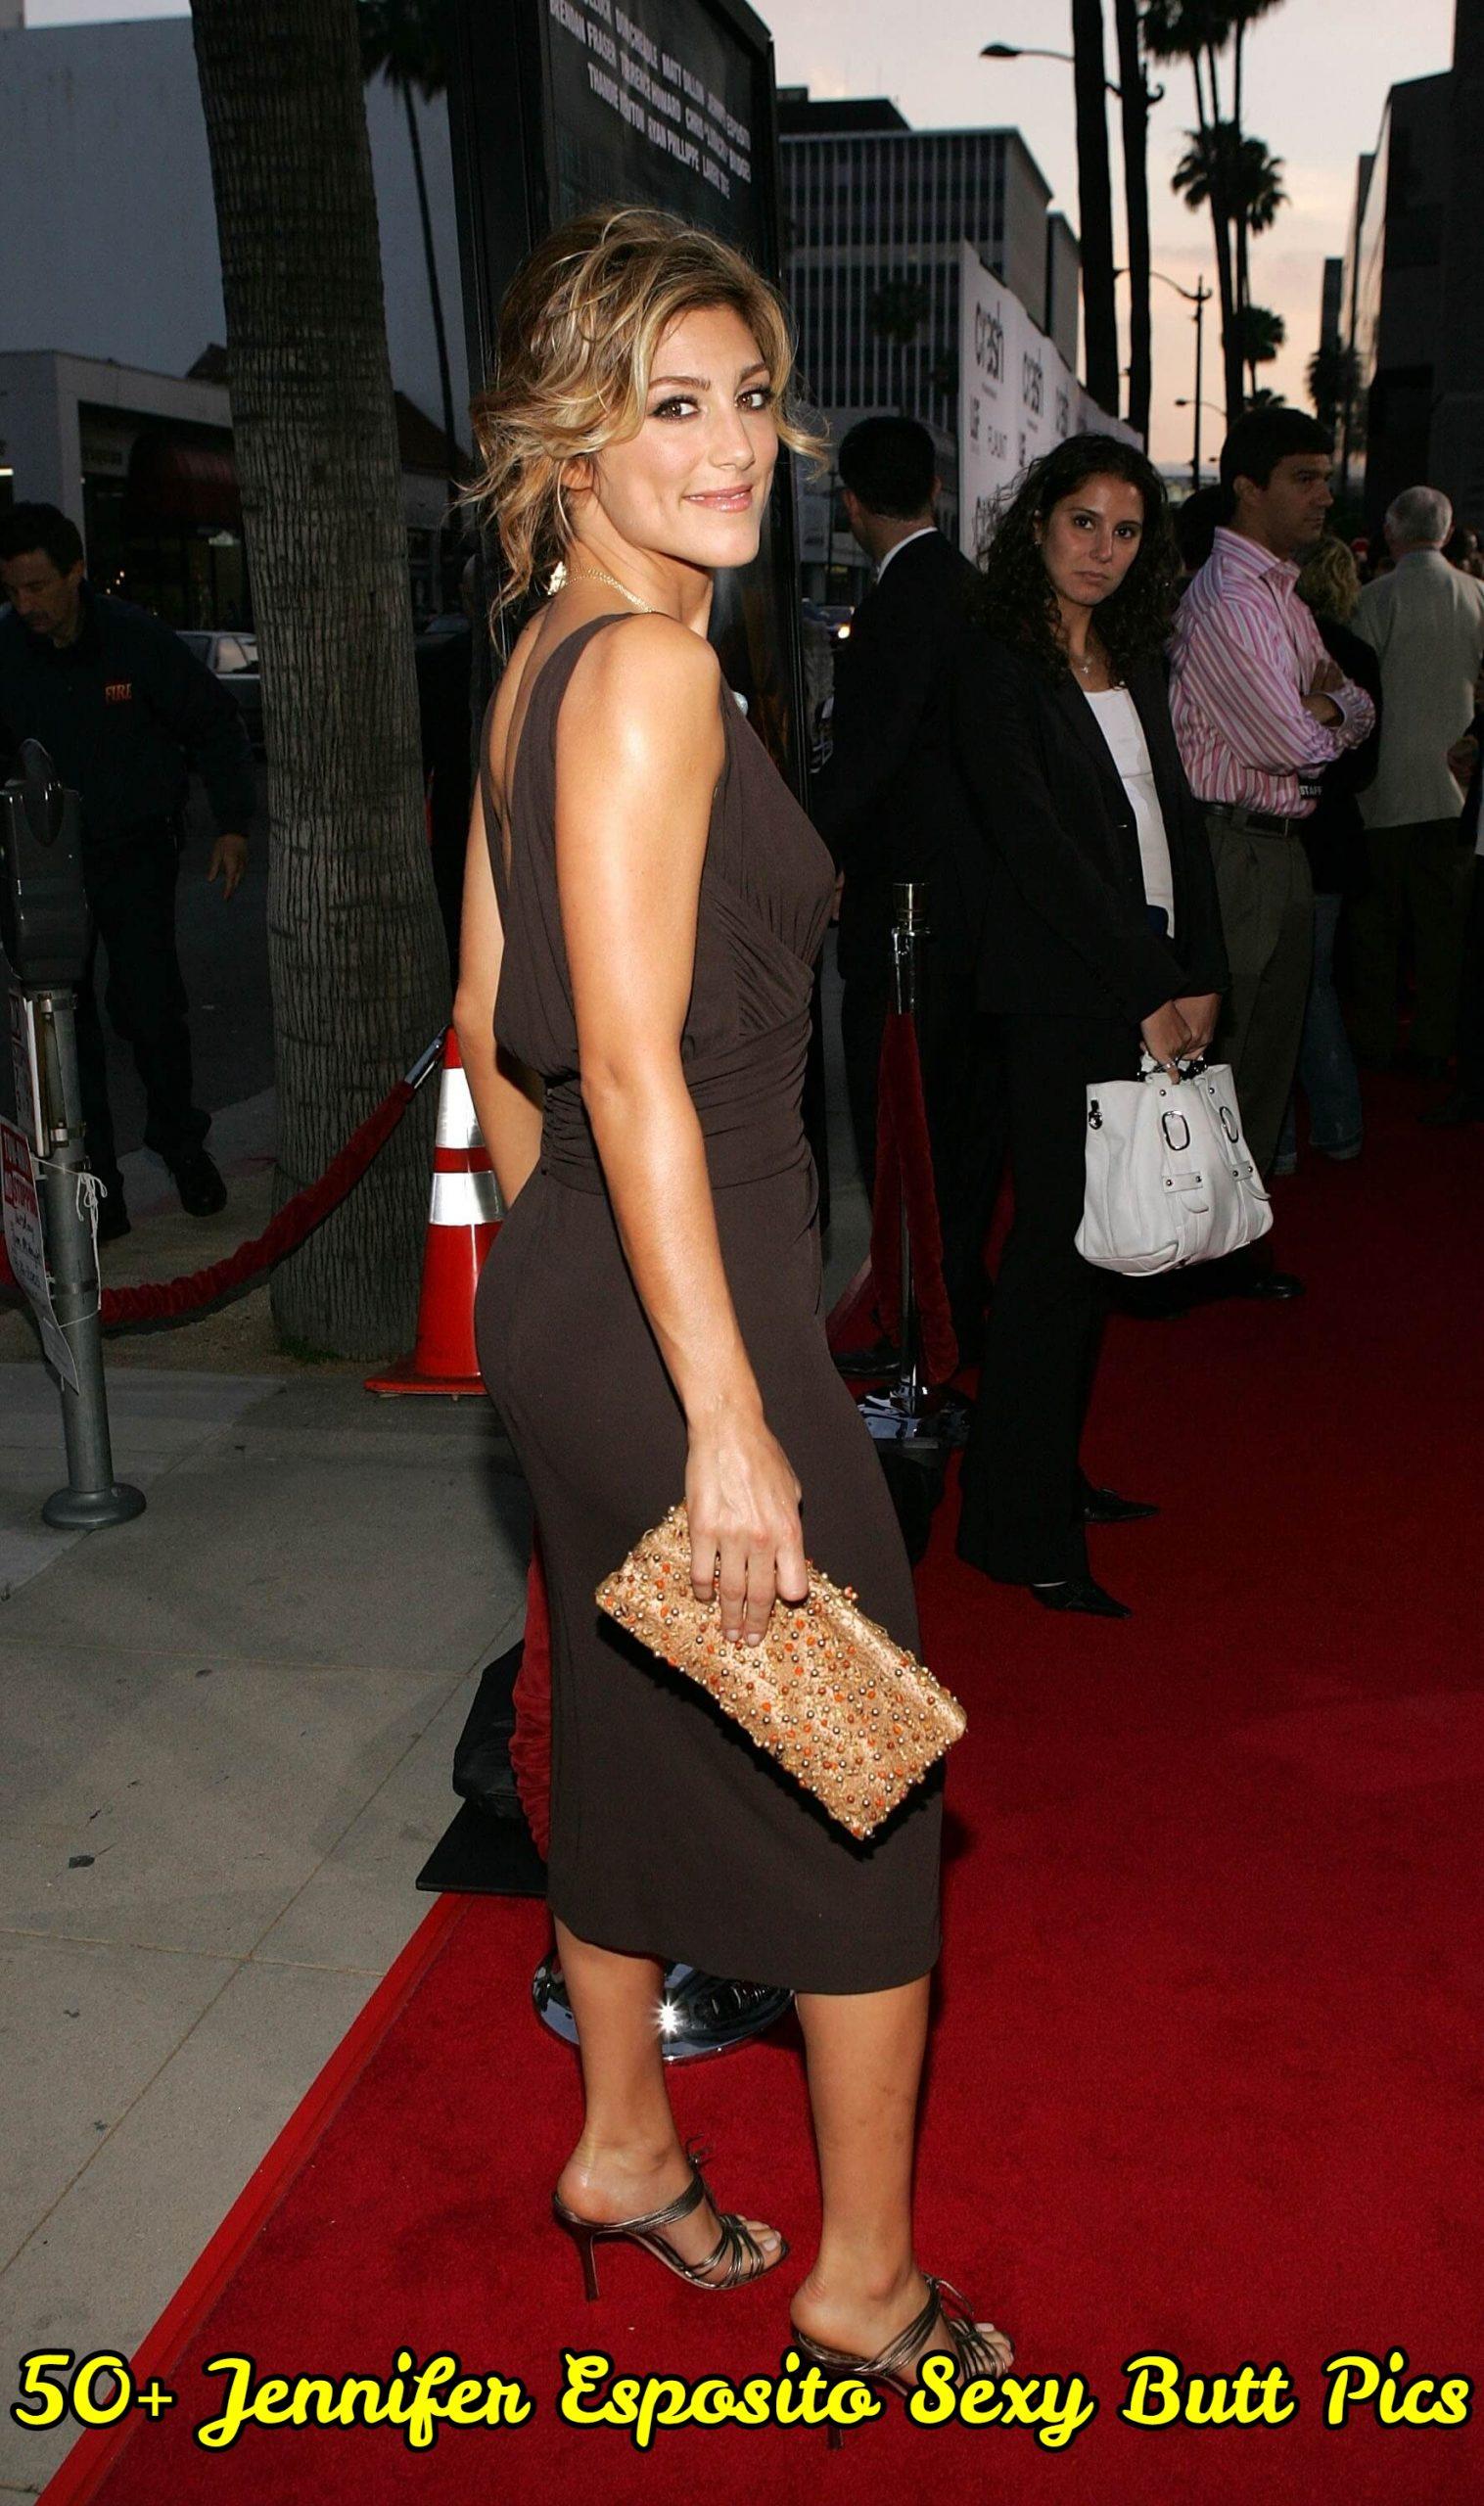 Jennifer Esposito Sexy Butt Pics